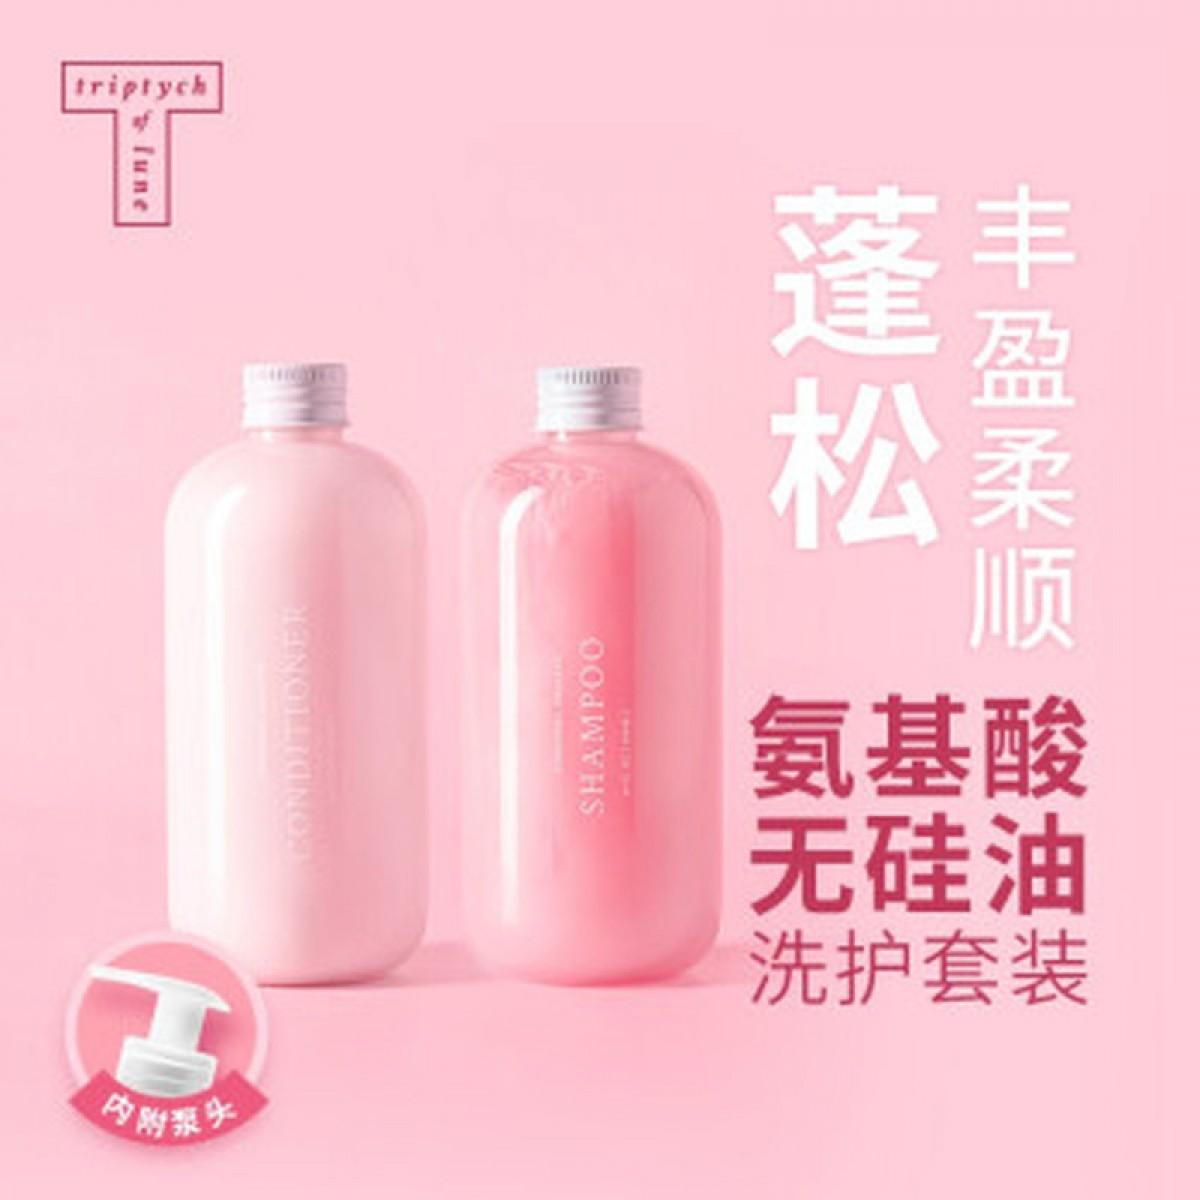 三谷洗护系列 洗发300ml+护发300ml